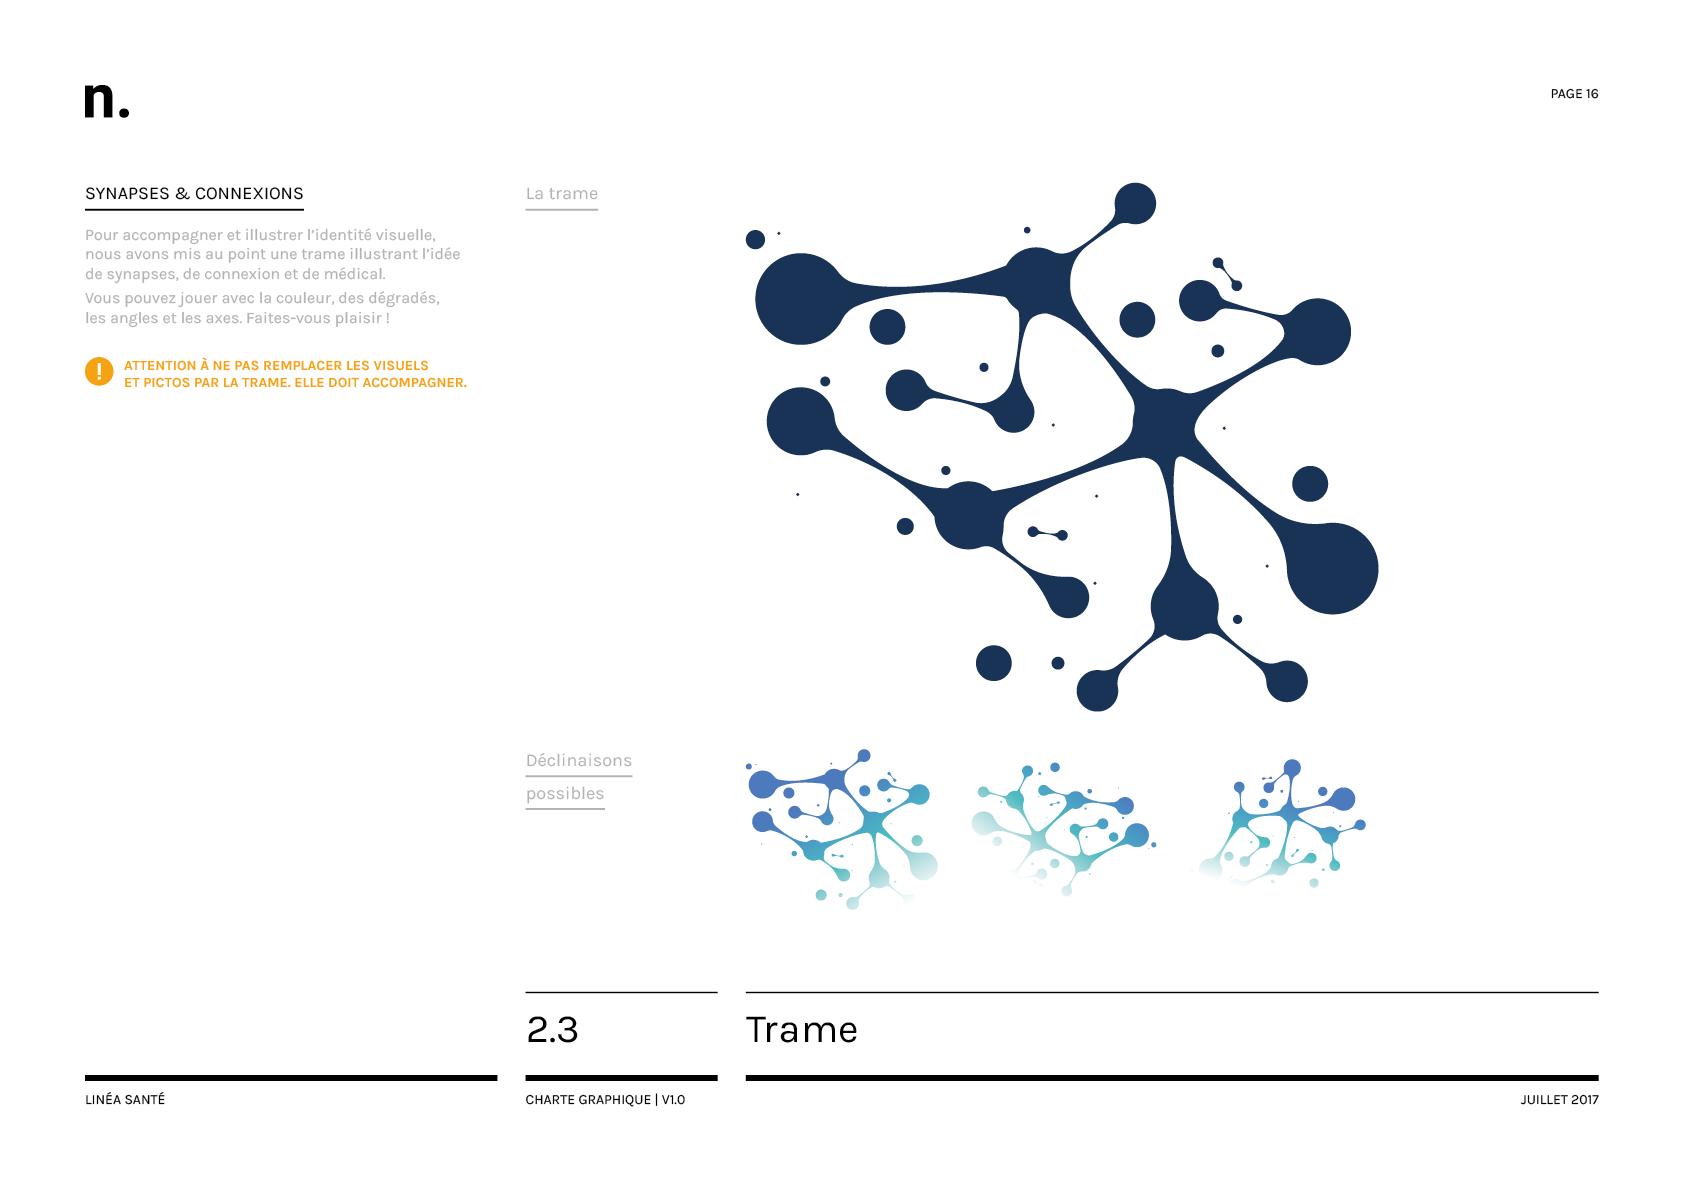 Linea Sante Charte Graphique16